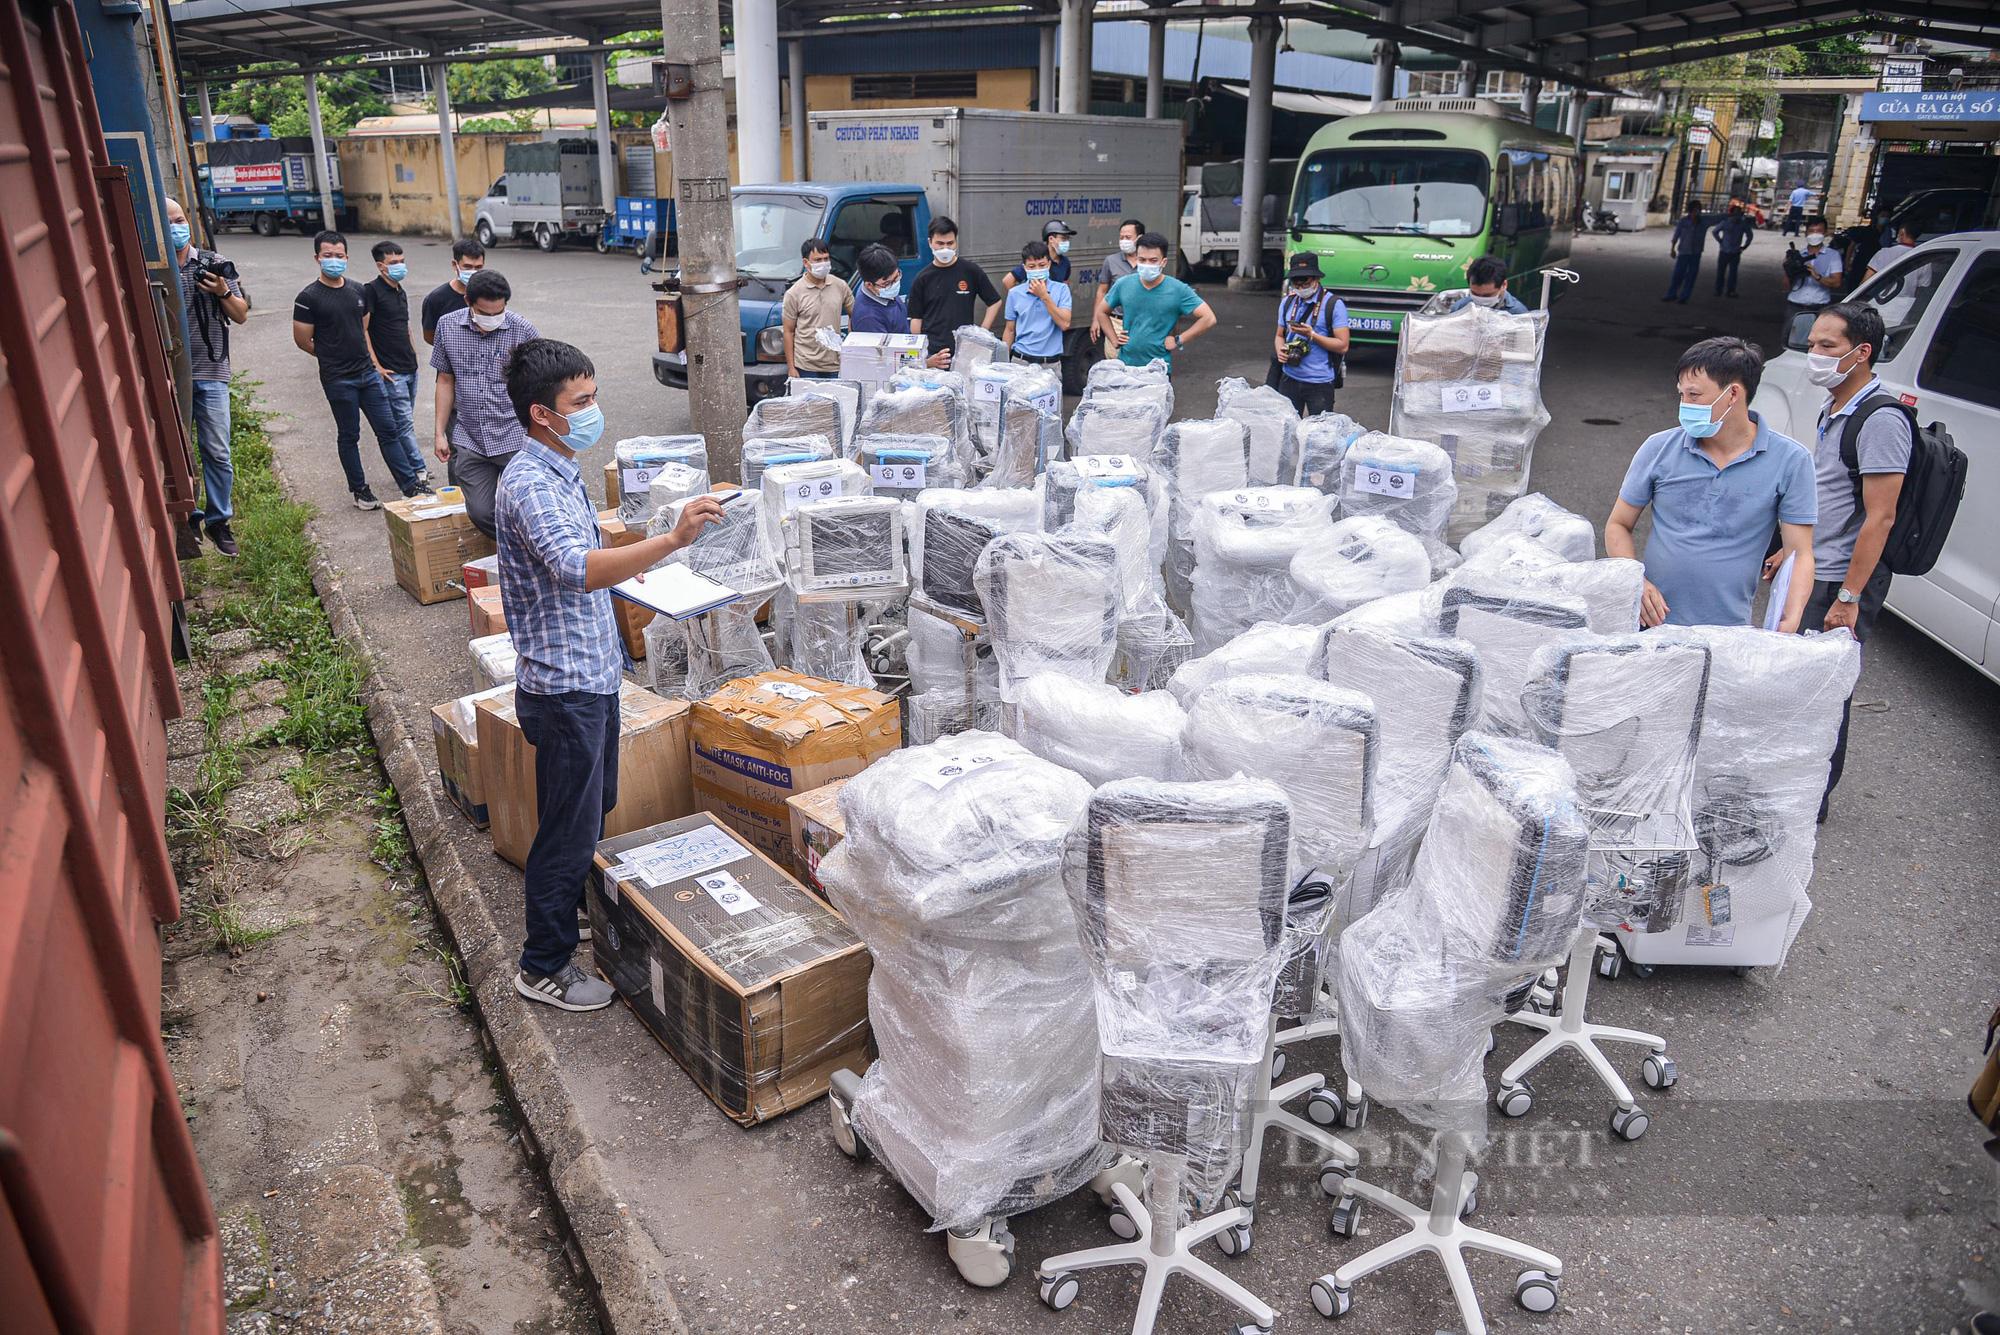 Cận cảnh chuyến tàu đặc biệt chở nhiều trang thiết bị y tế vào hỗ trợ Tp. Hồ Chí Minh  - Ảnh 1.